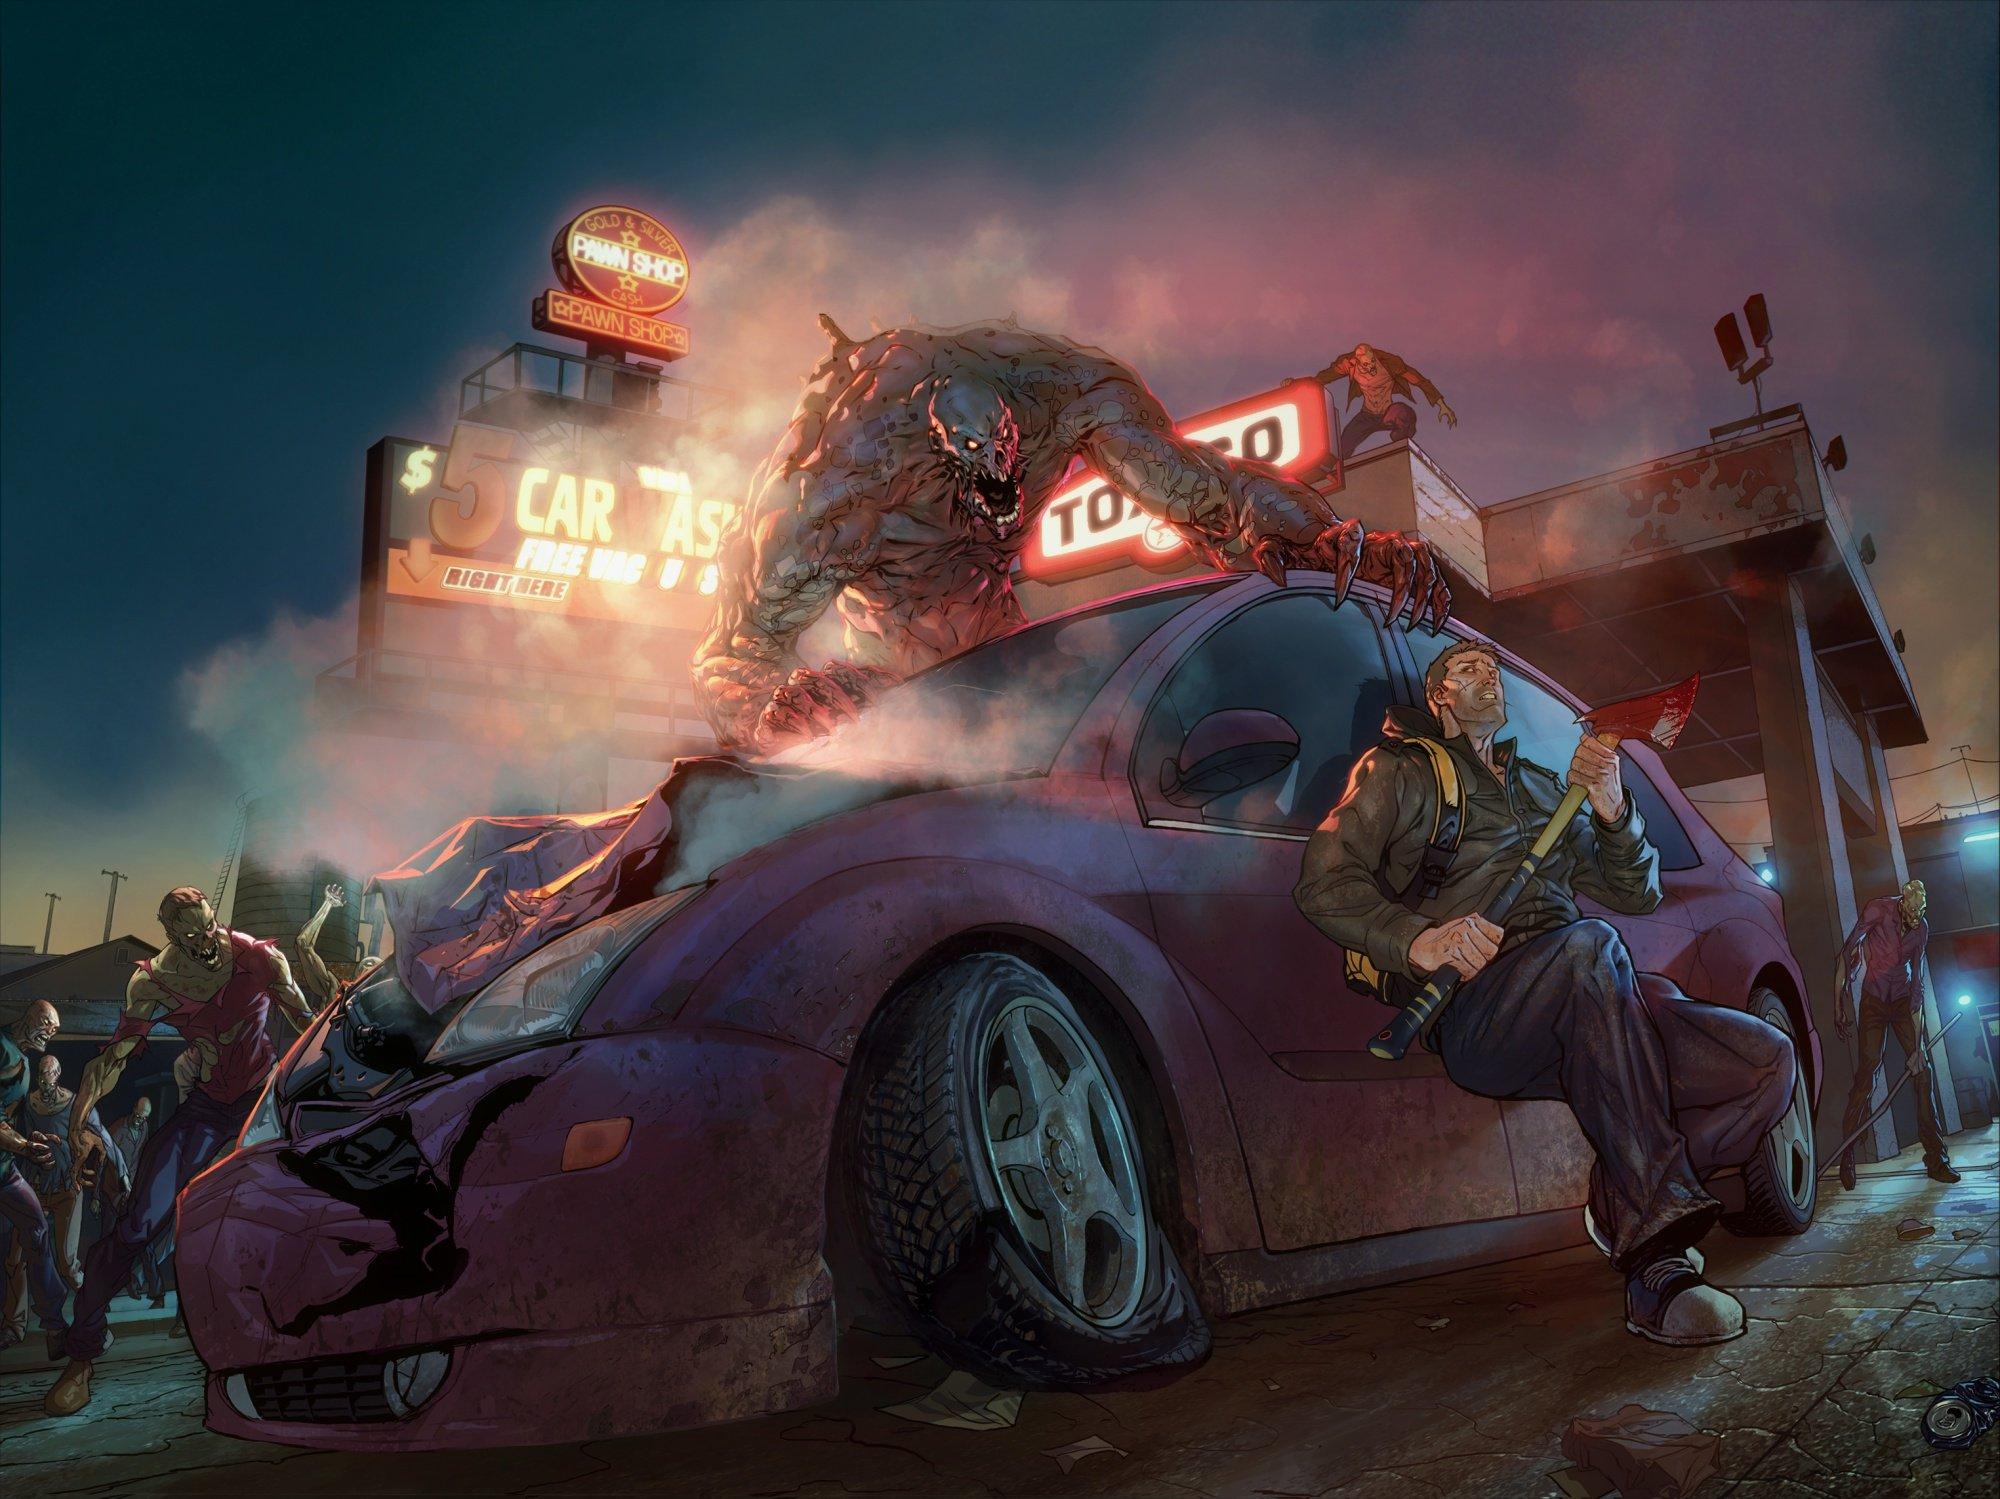 Chcete vědět, jak byste si počínali při zombie apokalypse? S Last Day on Earth: Survival si to můžete zkusit